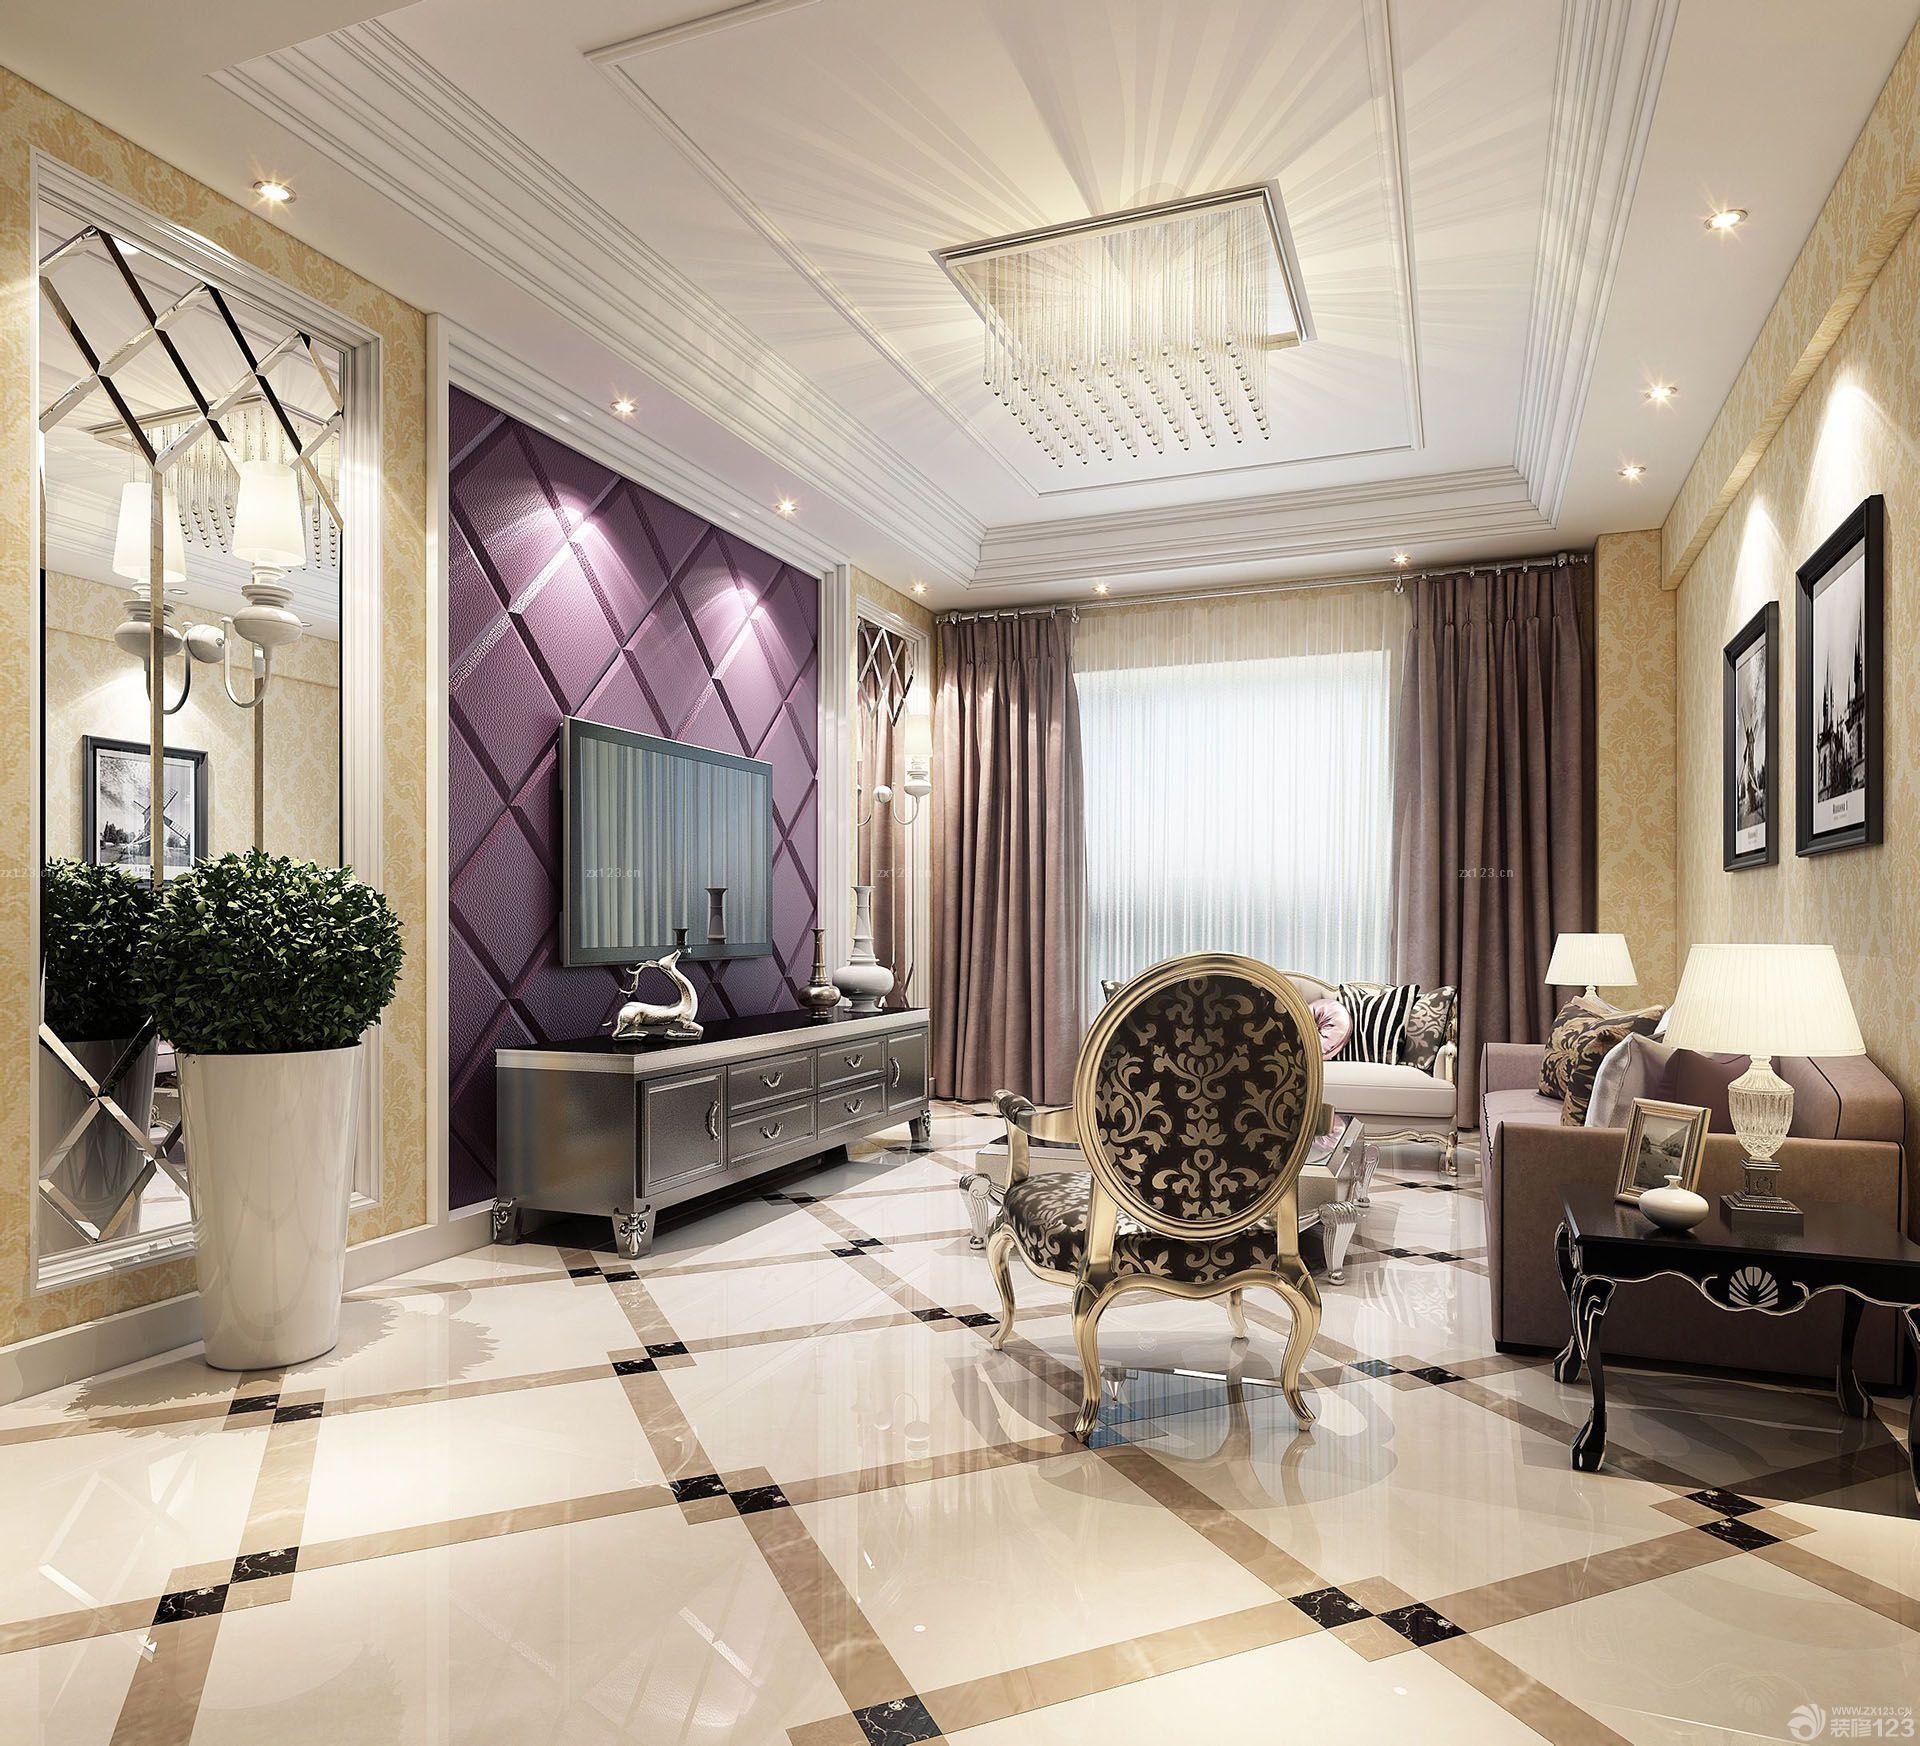 现代欧式风格厨房白色橱柜地面瓷砖效果图大全_2016 .